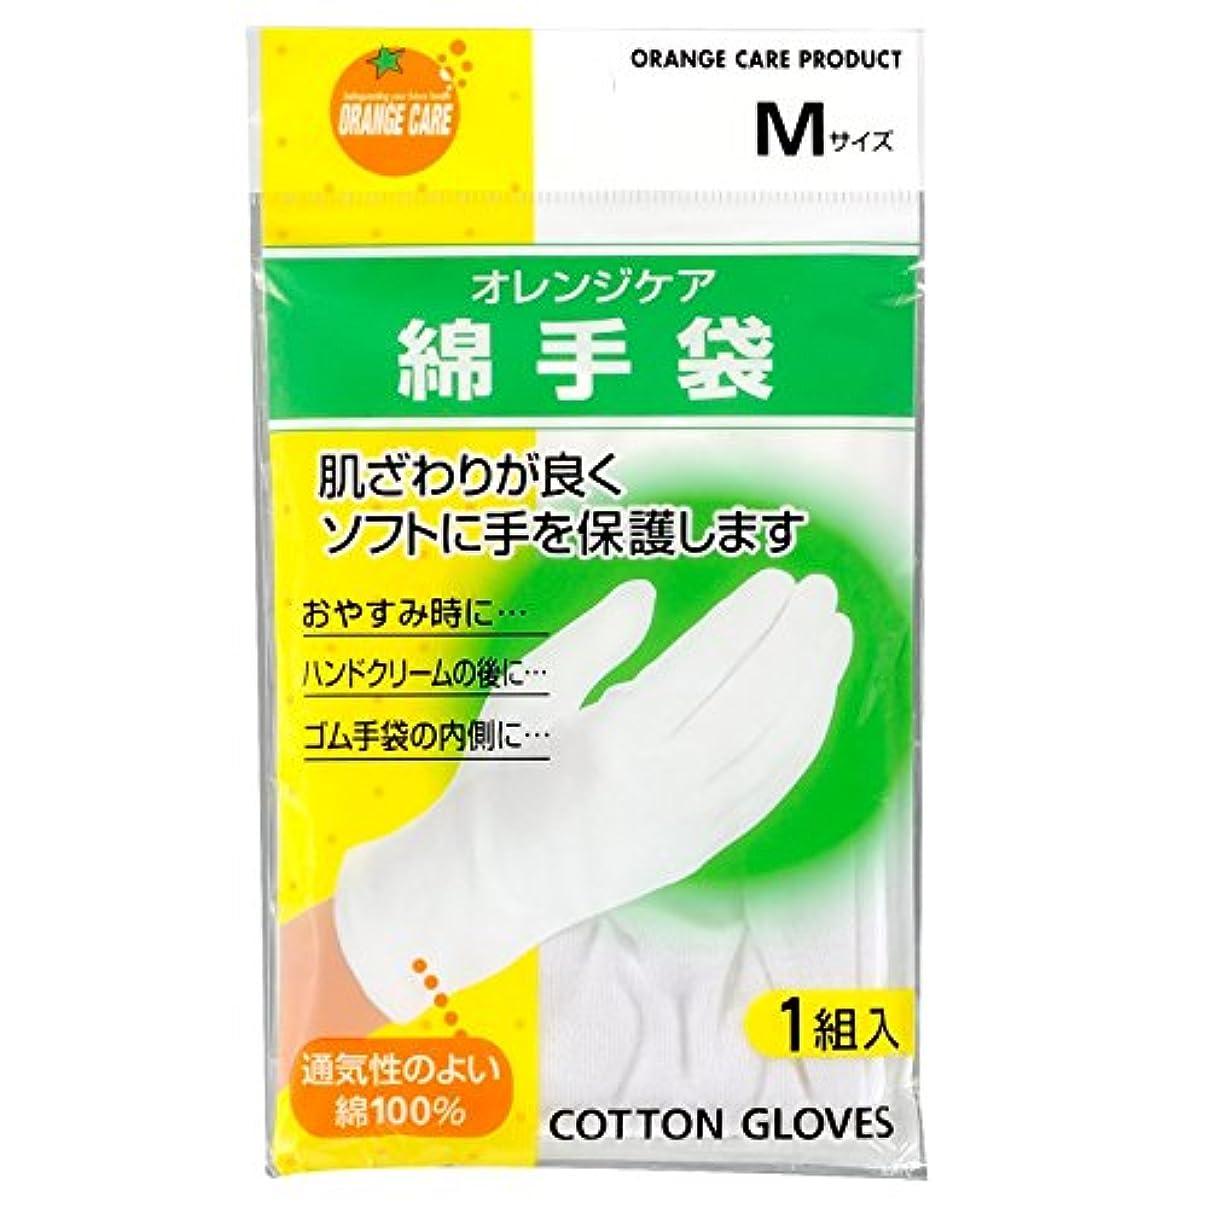 見つけた富早いオレンジケアプロダクツ 綿手袋 Mサイズ2枚入り